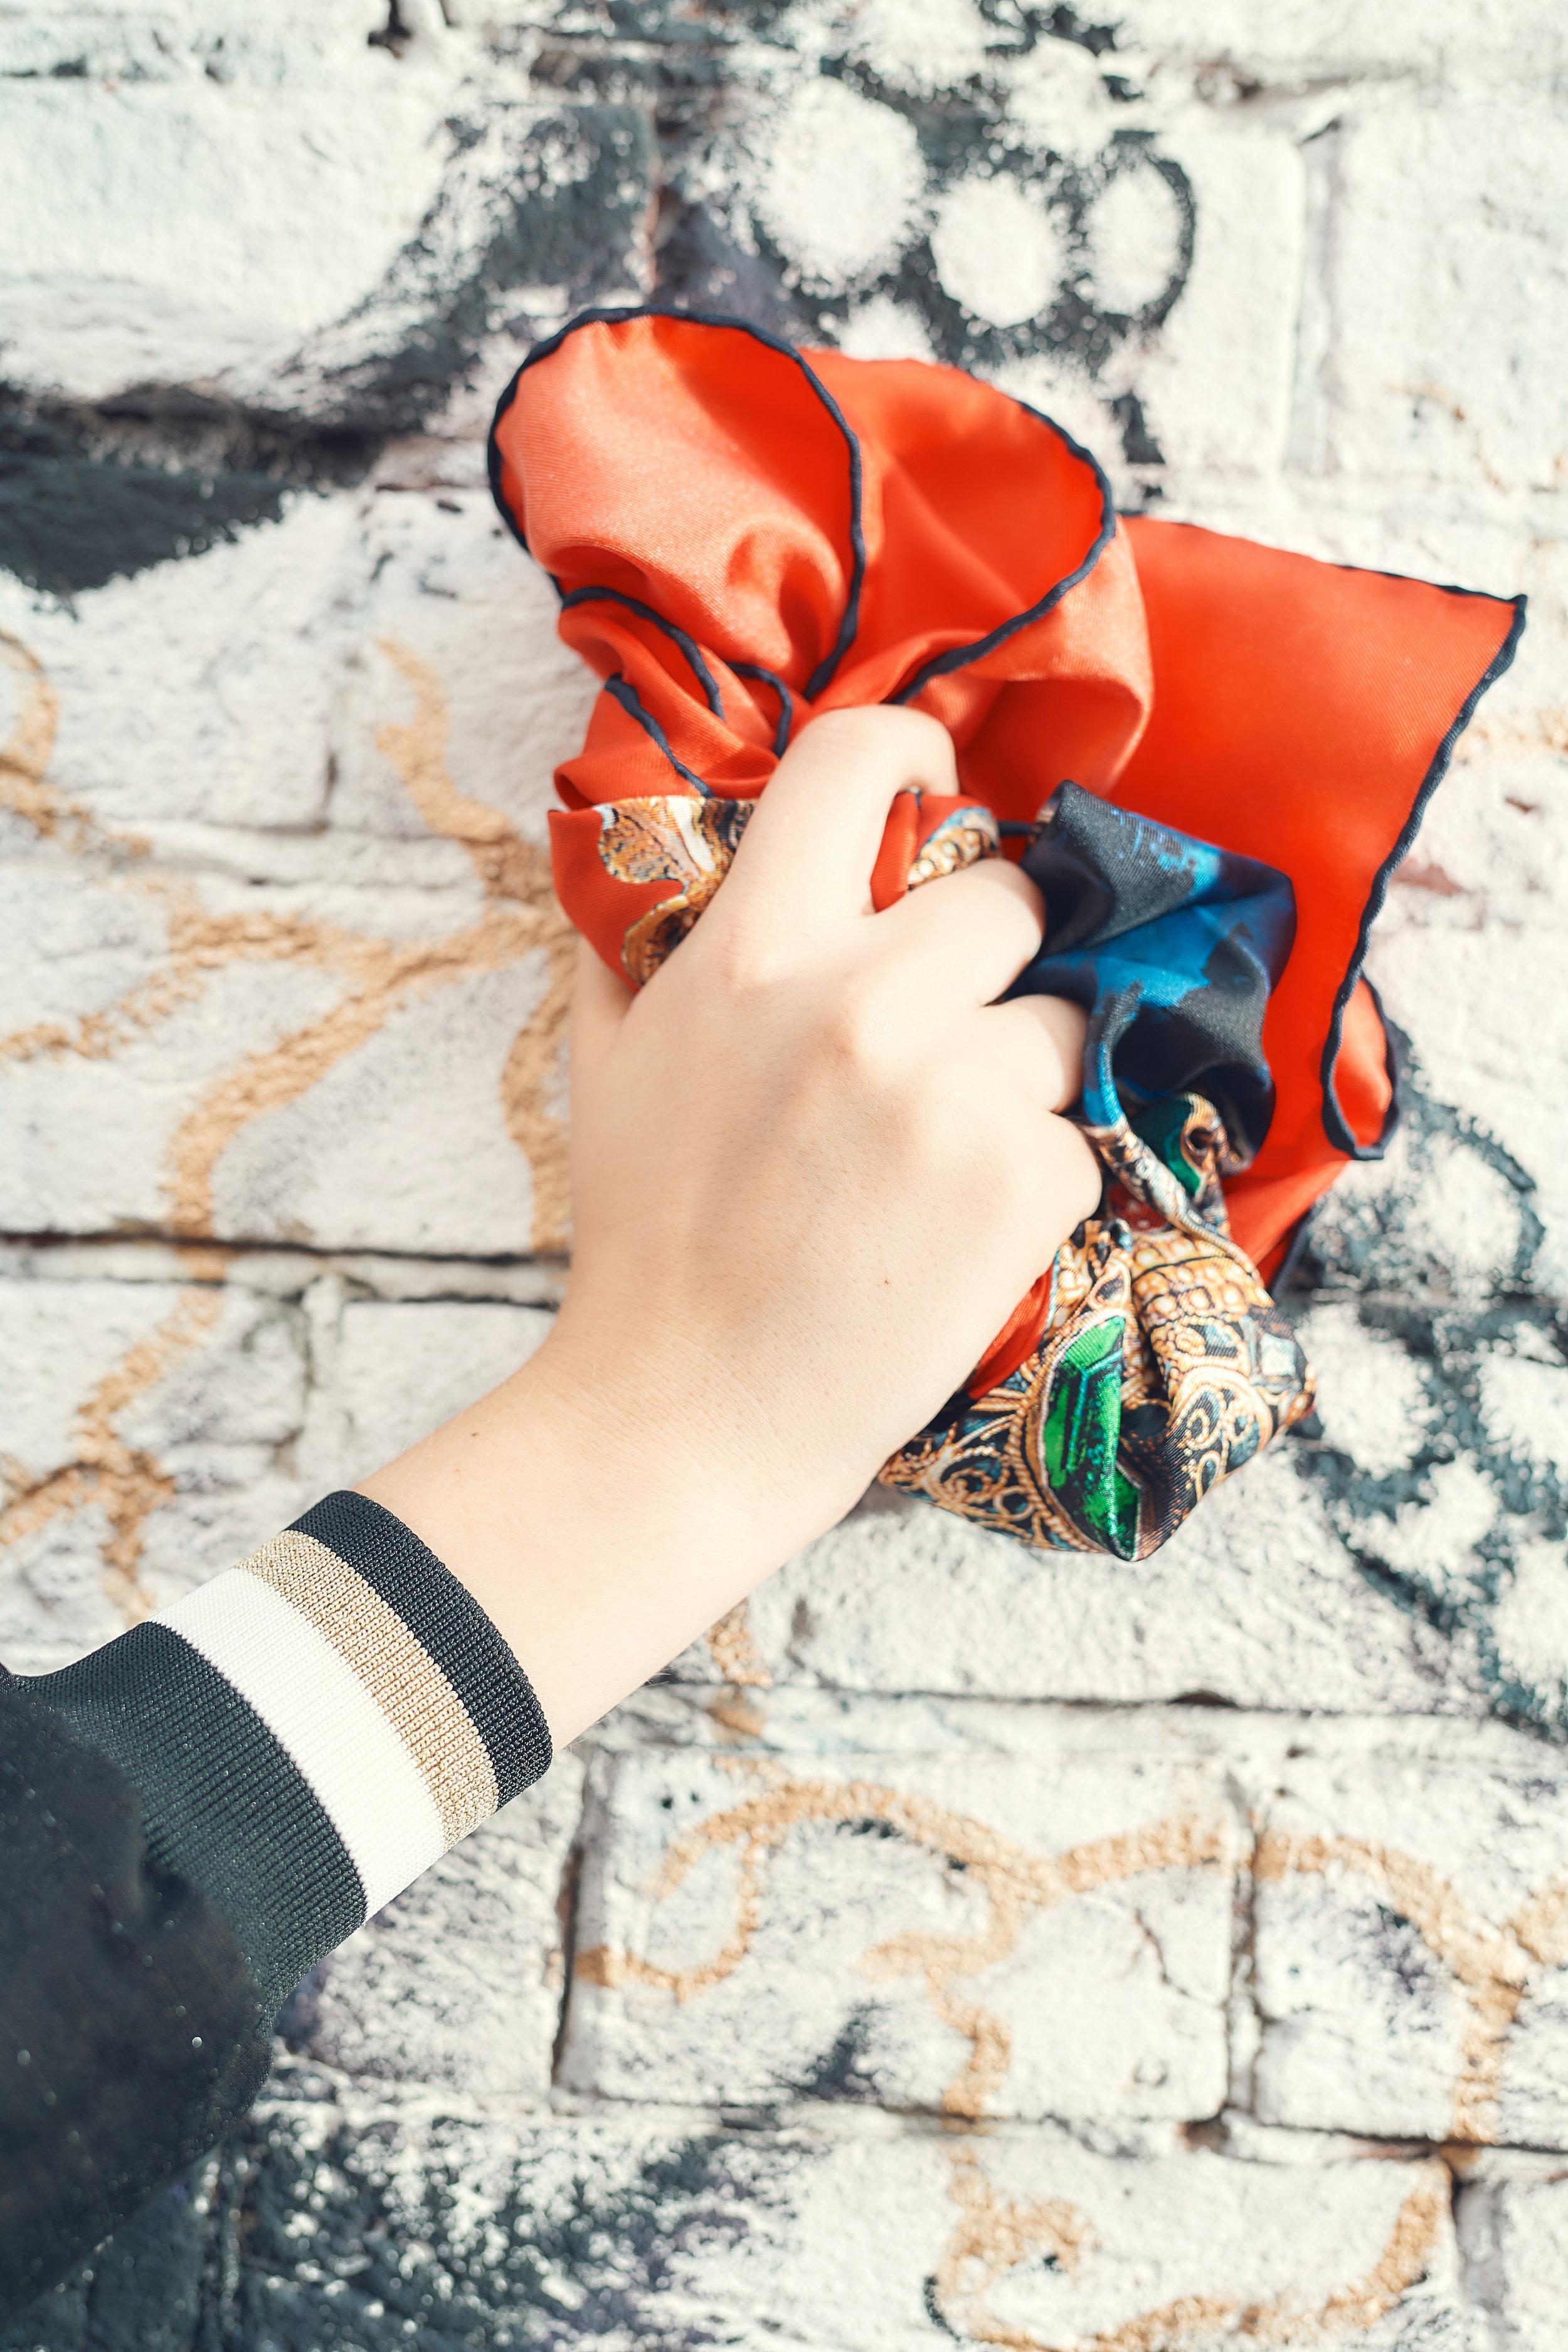 Hoodie RASENA. Handkerchief ARTUYT